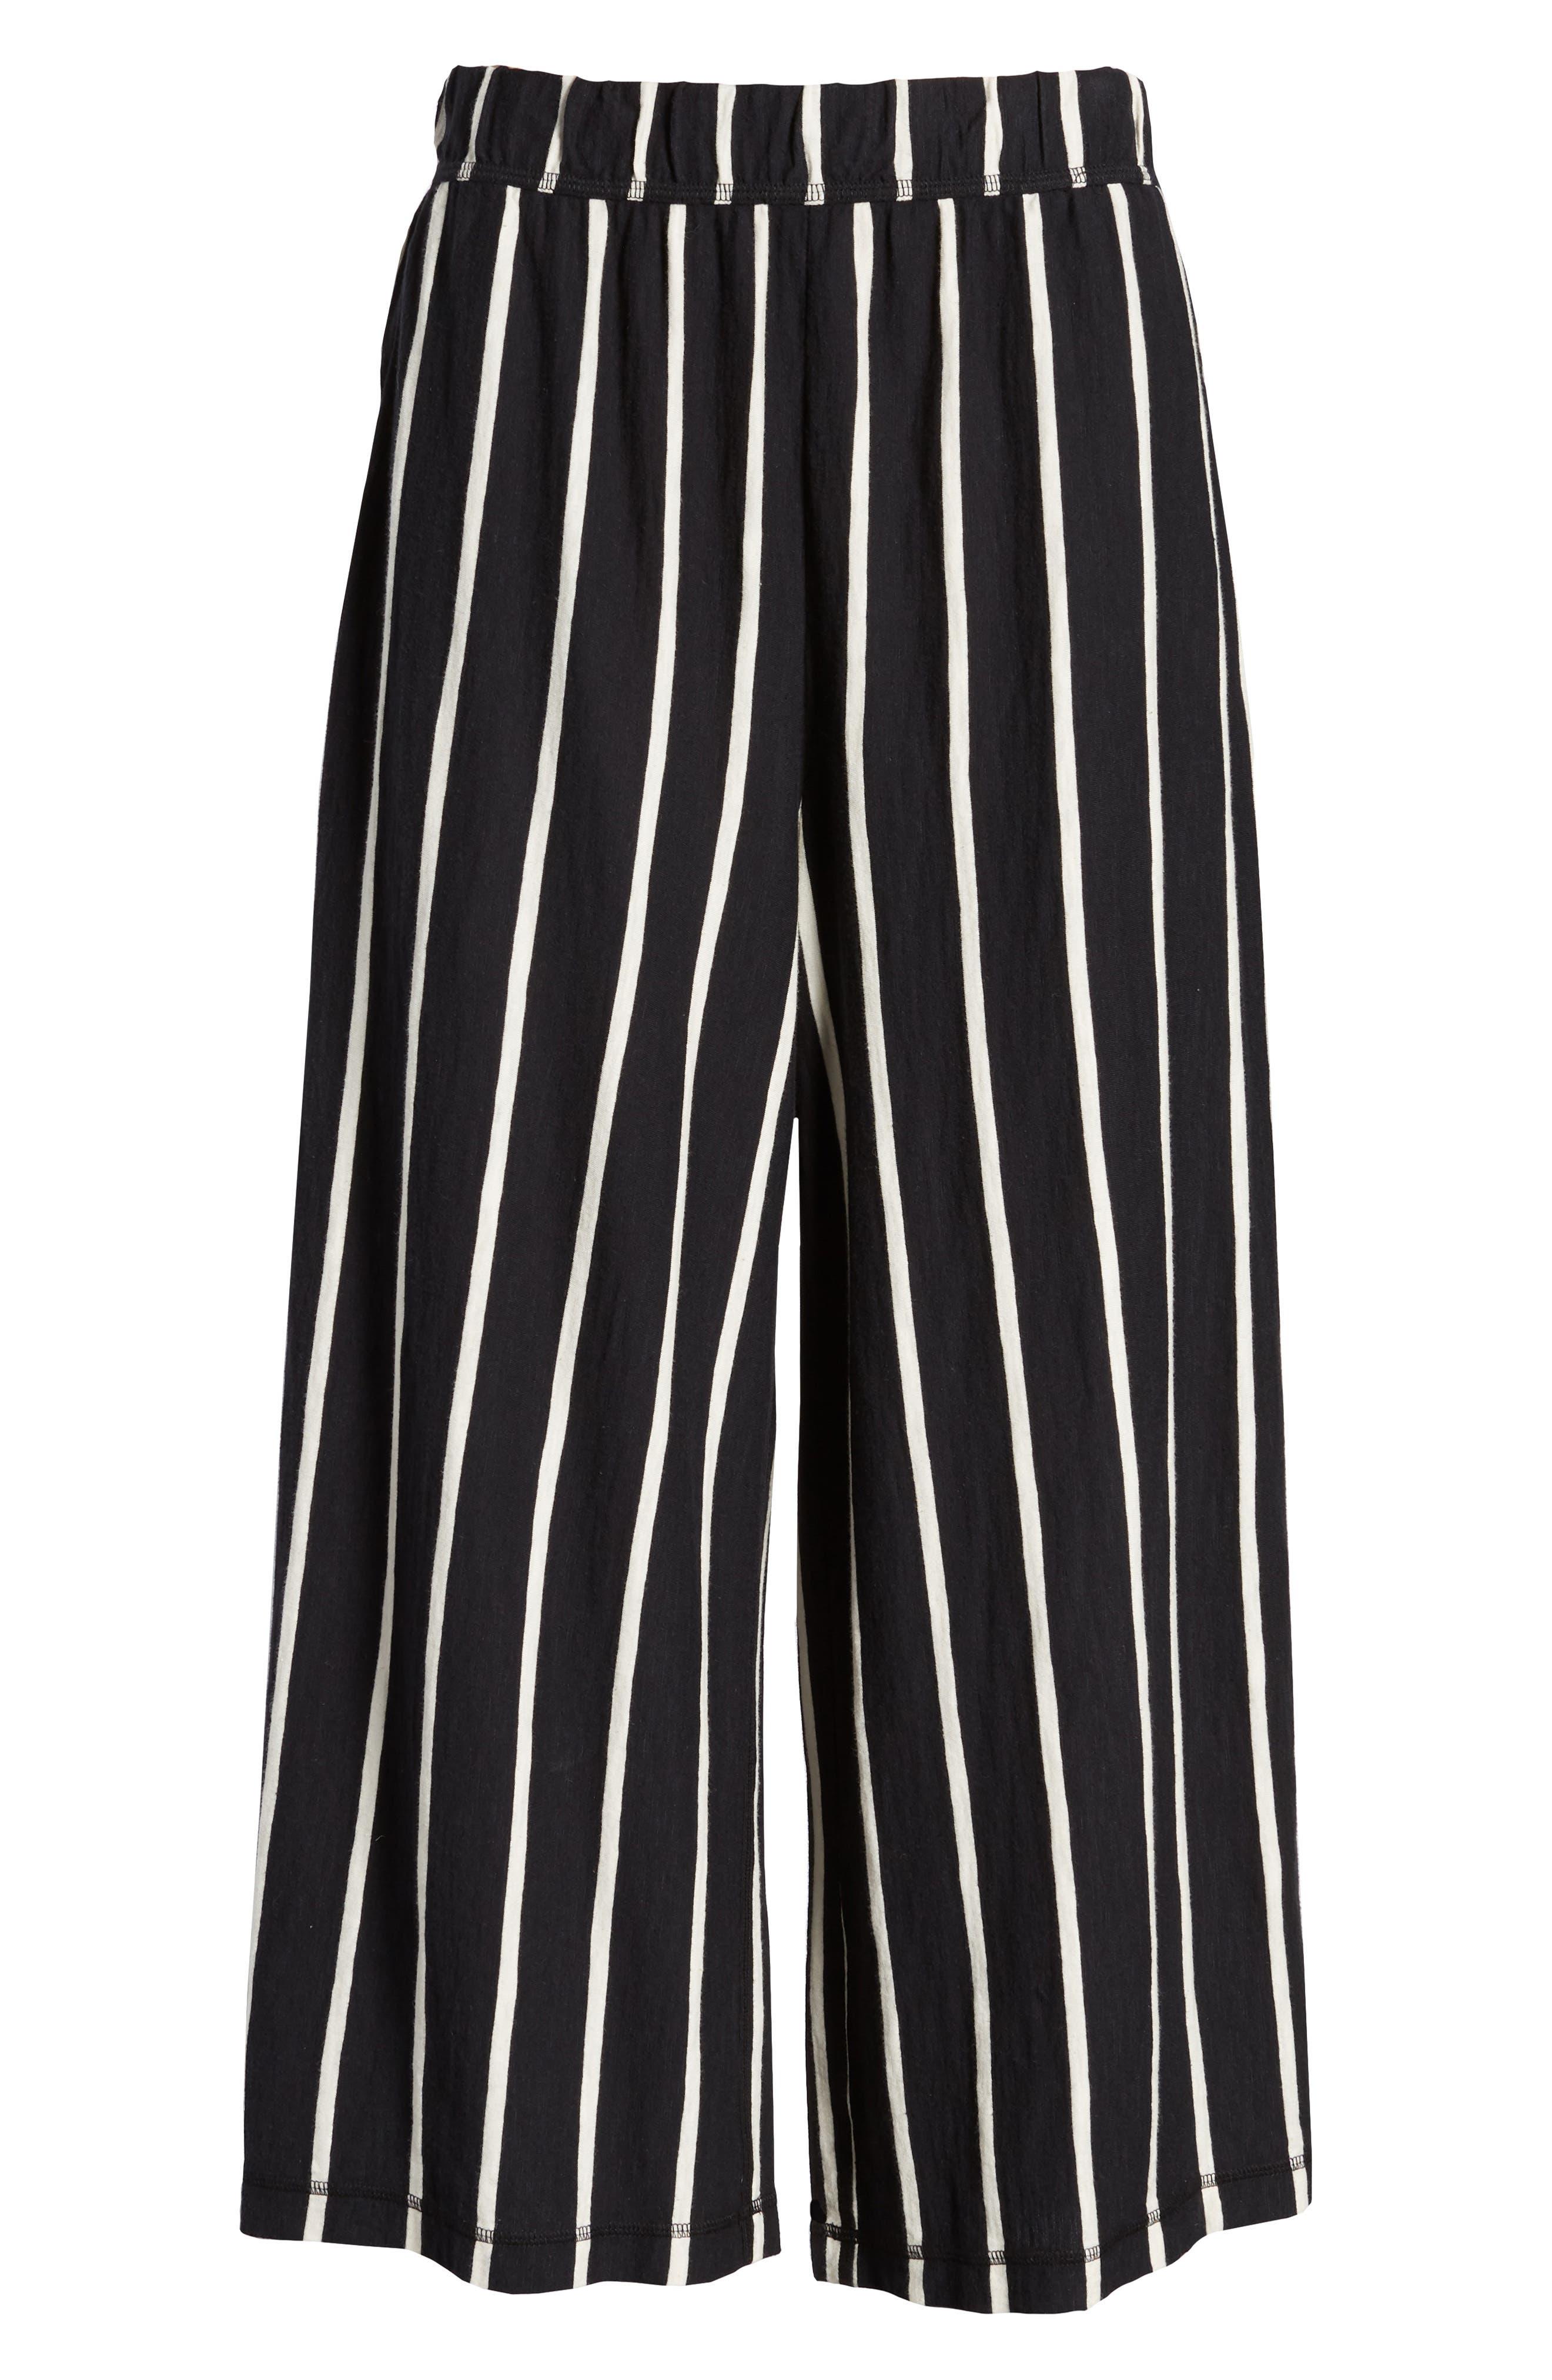 Stripe Organic Cotton Capri Pants,                             Alternate thumbnail 7, color,                             Black/ White